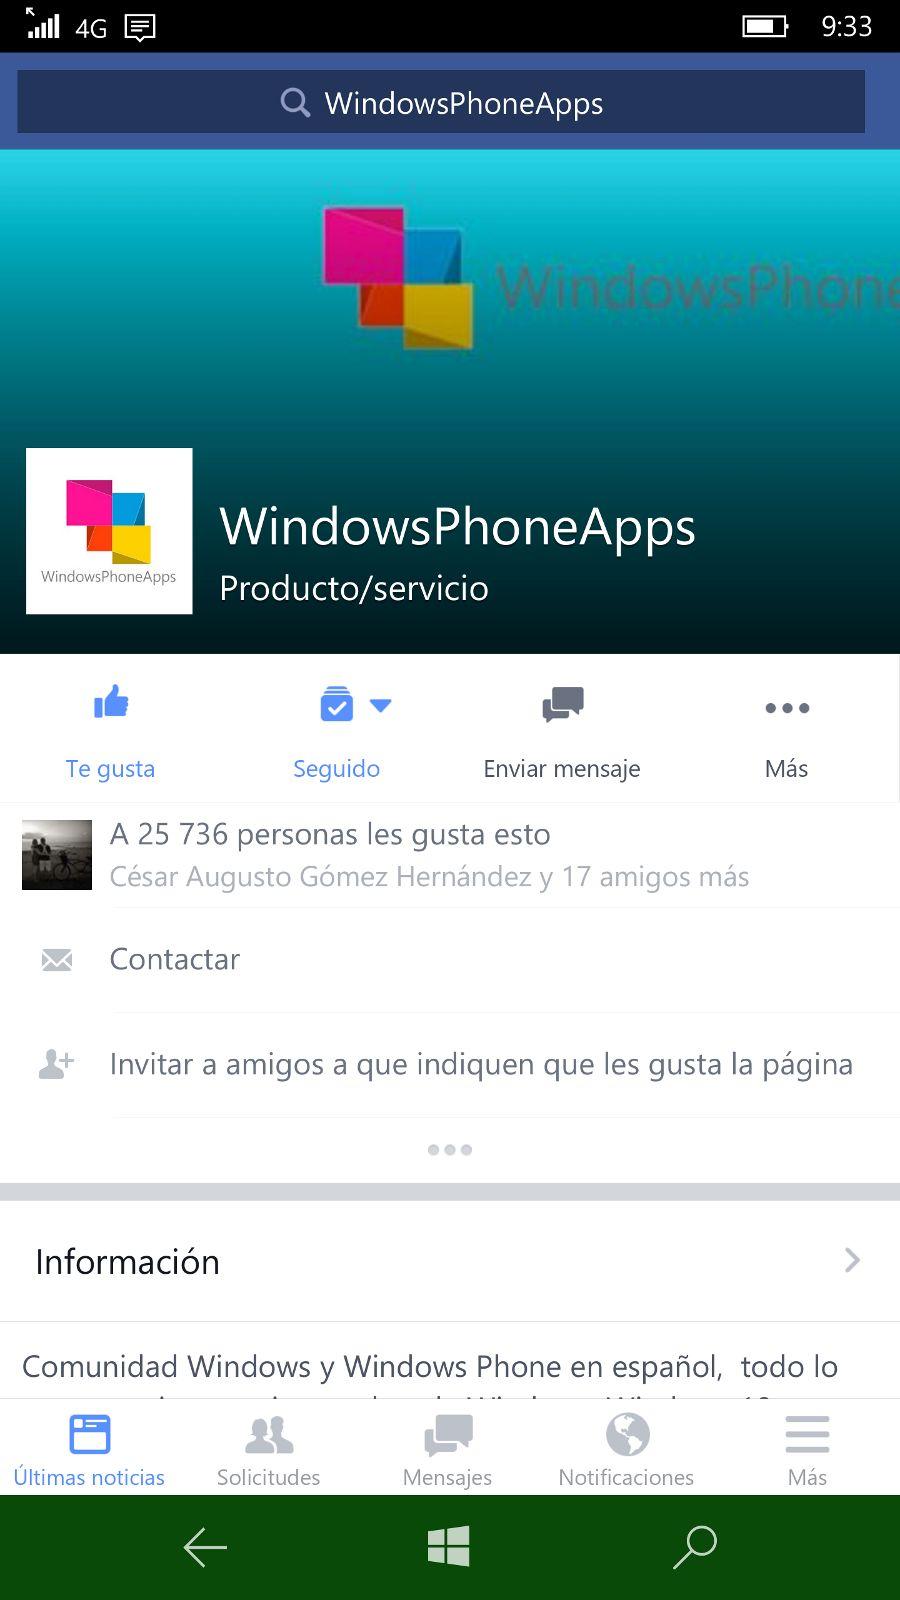 ¿Cual es la situación actual de las redes sociales en la plataforma Windows?